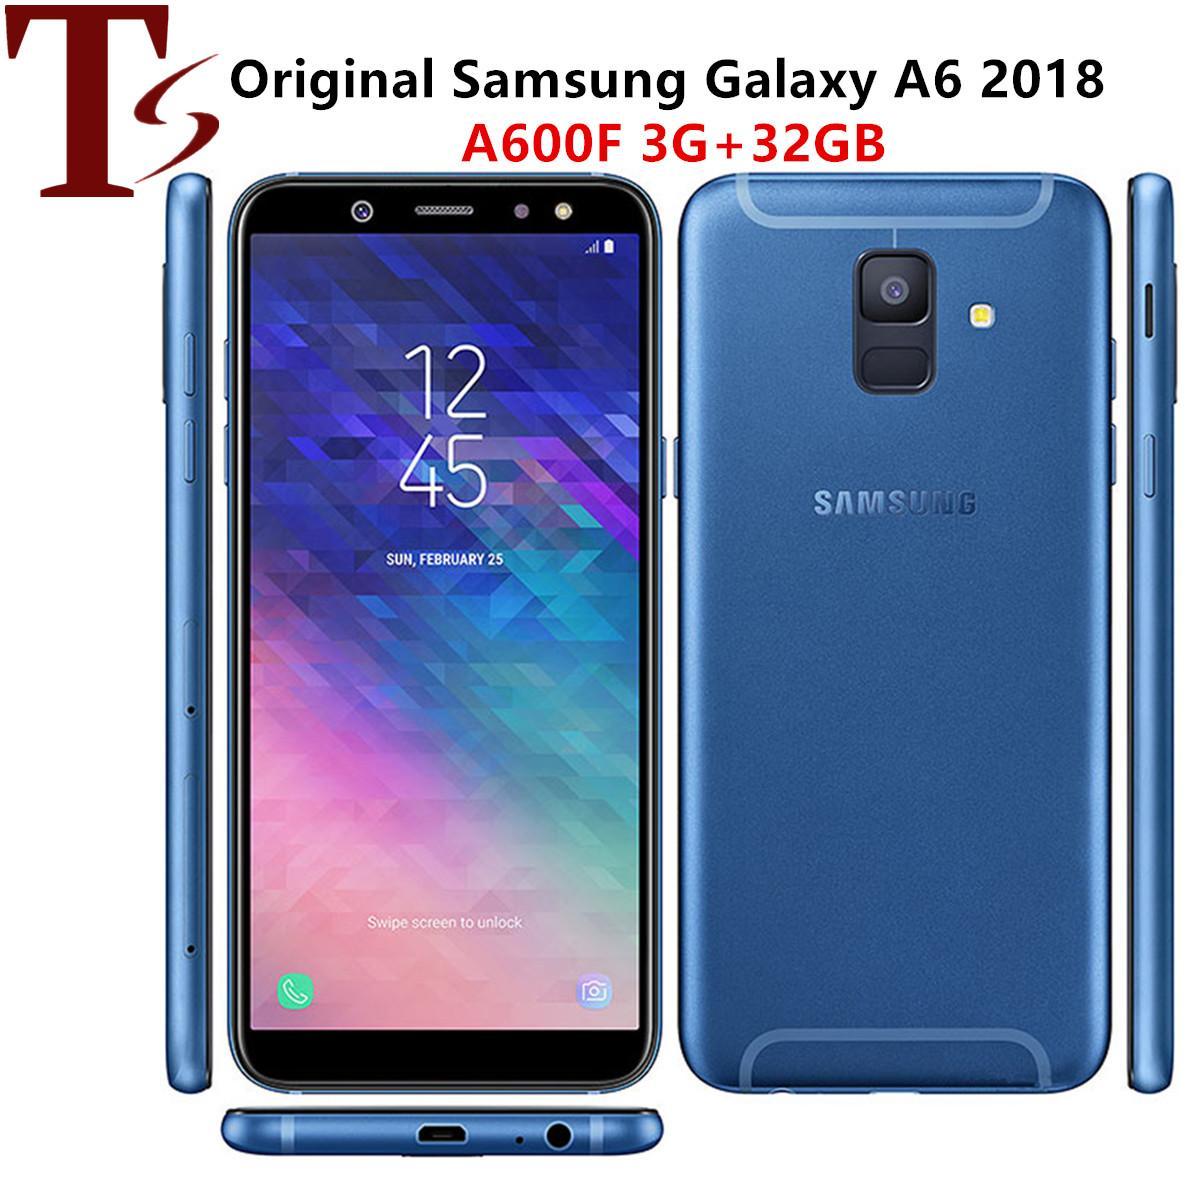 Оригинальное Восстановленное Samsung Galaxy A6 2018 5,6-дюймовый окт Ядро 3GB RAM 32GB ROM 16MP разблокирована 4G LTE Android смартфон